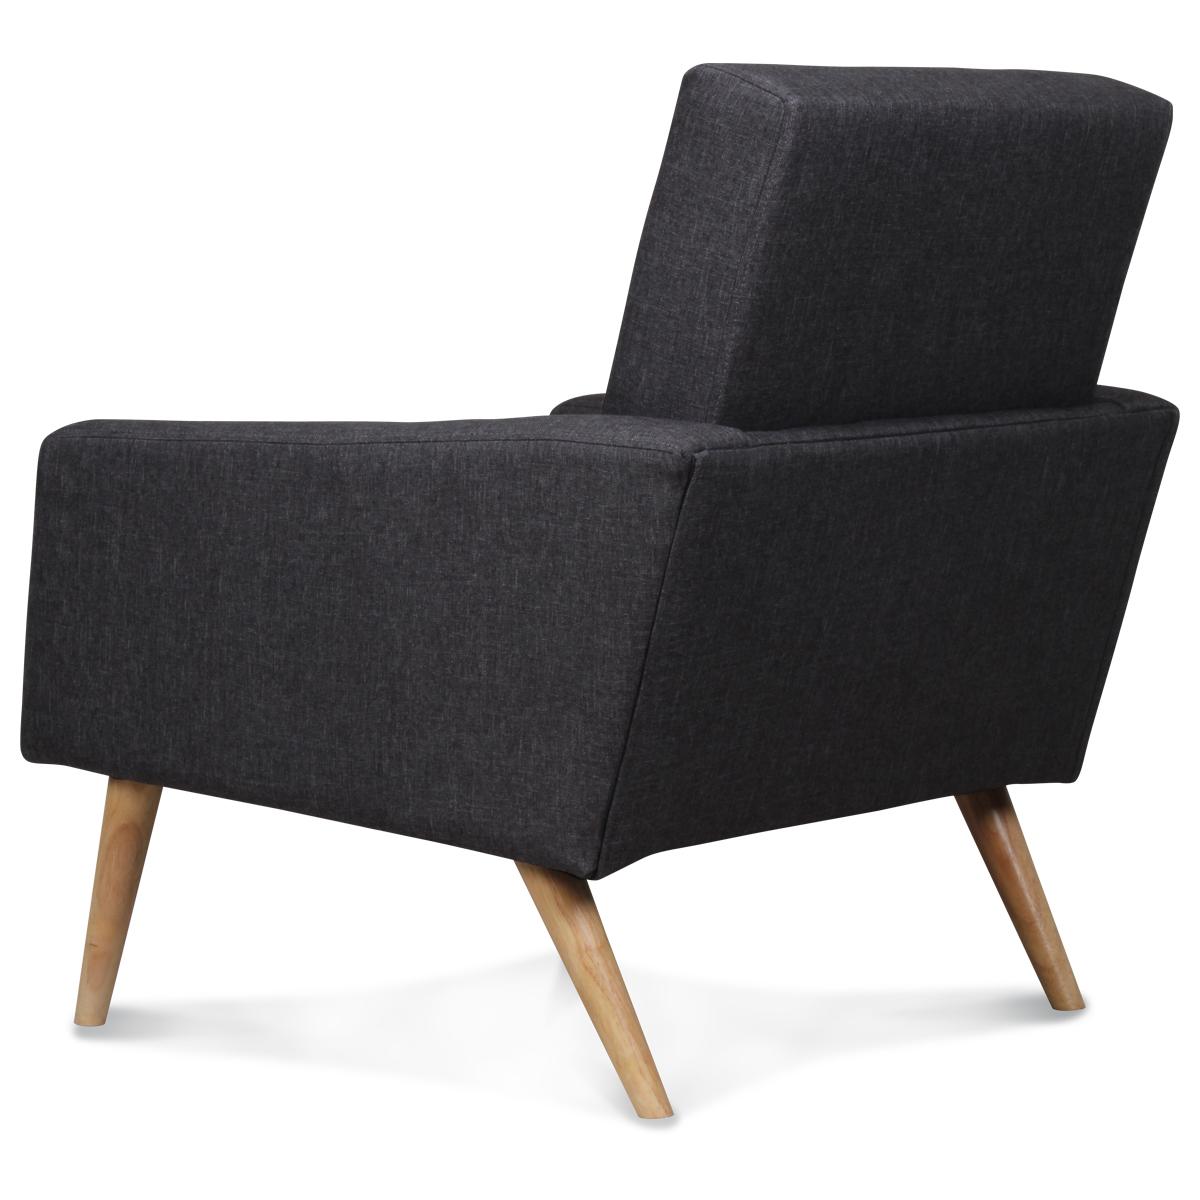 fauteuil design scandinave moderne gris anthracite fitz. Black Bedroom Furniture Sets. Home Design Ideas